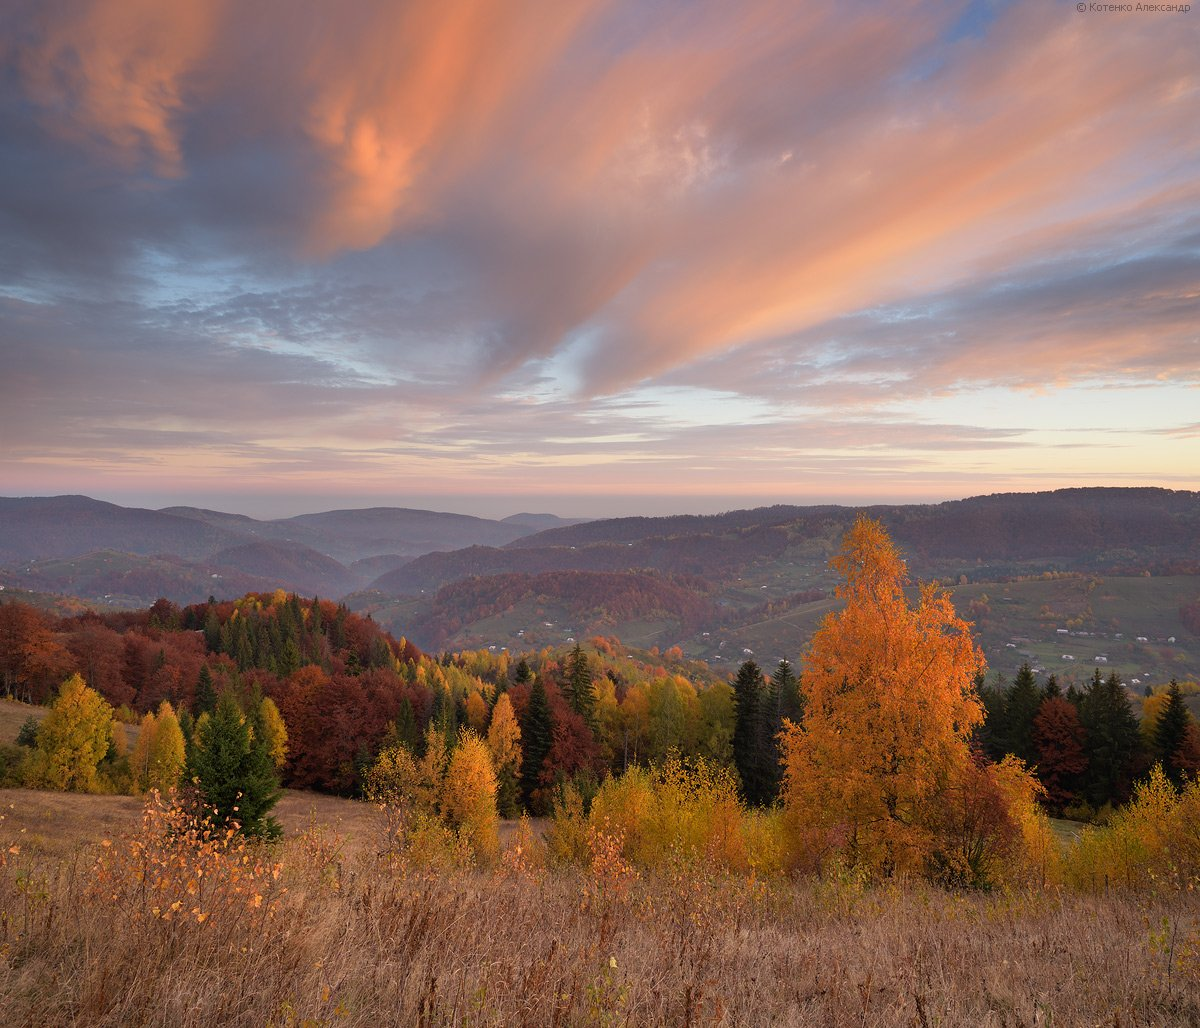 горы, осень, карпаты, Александр Котенко